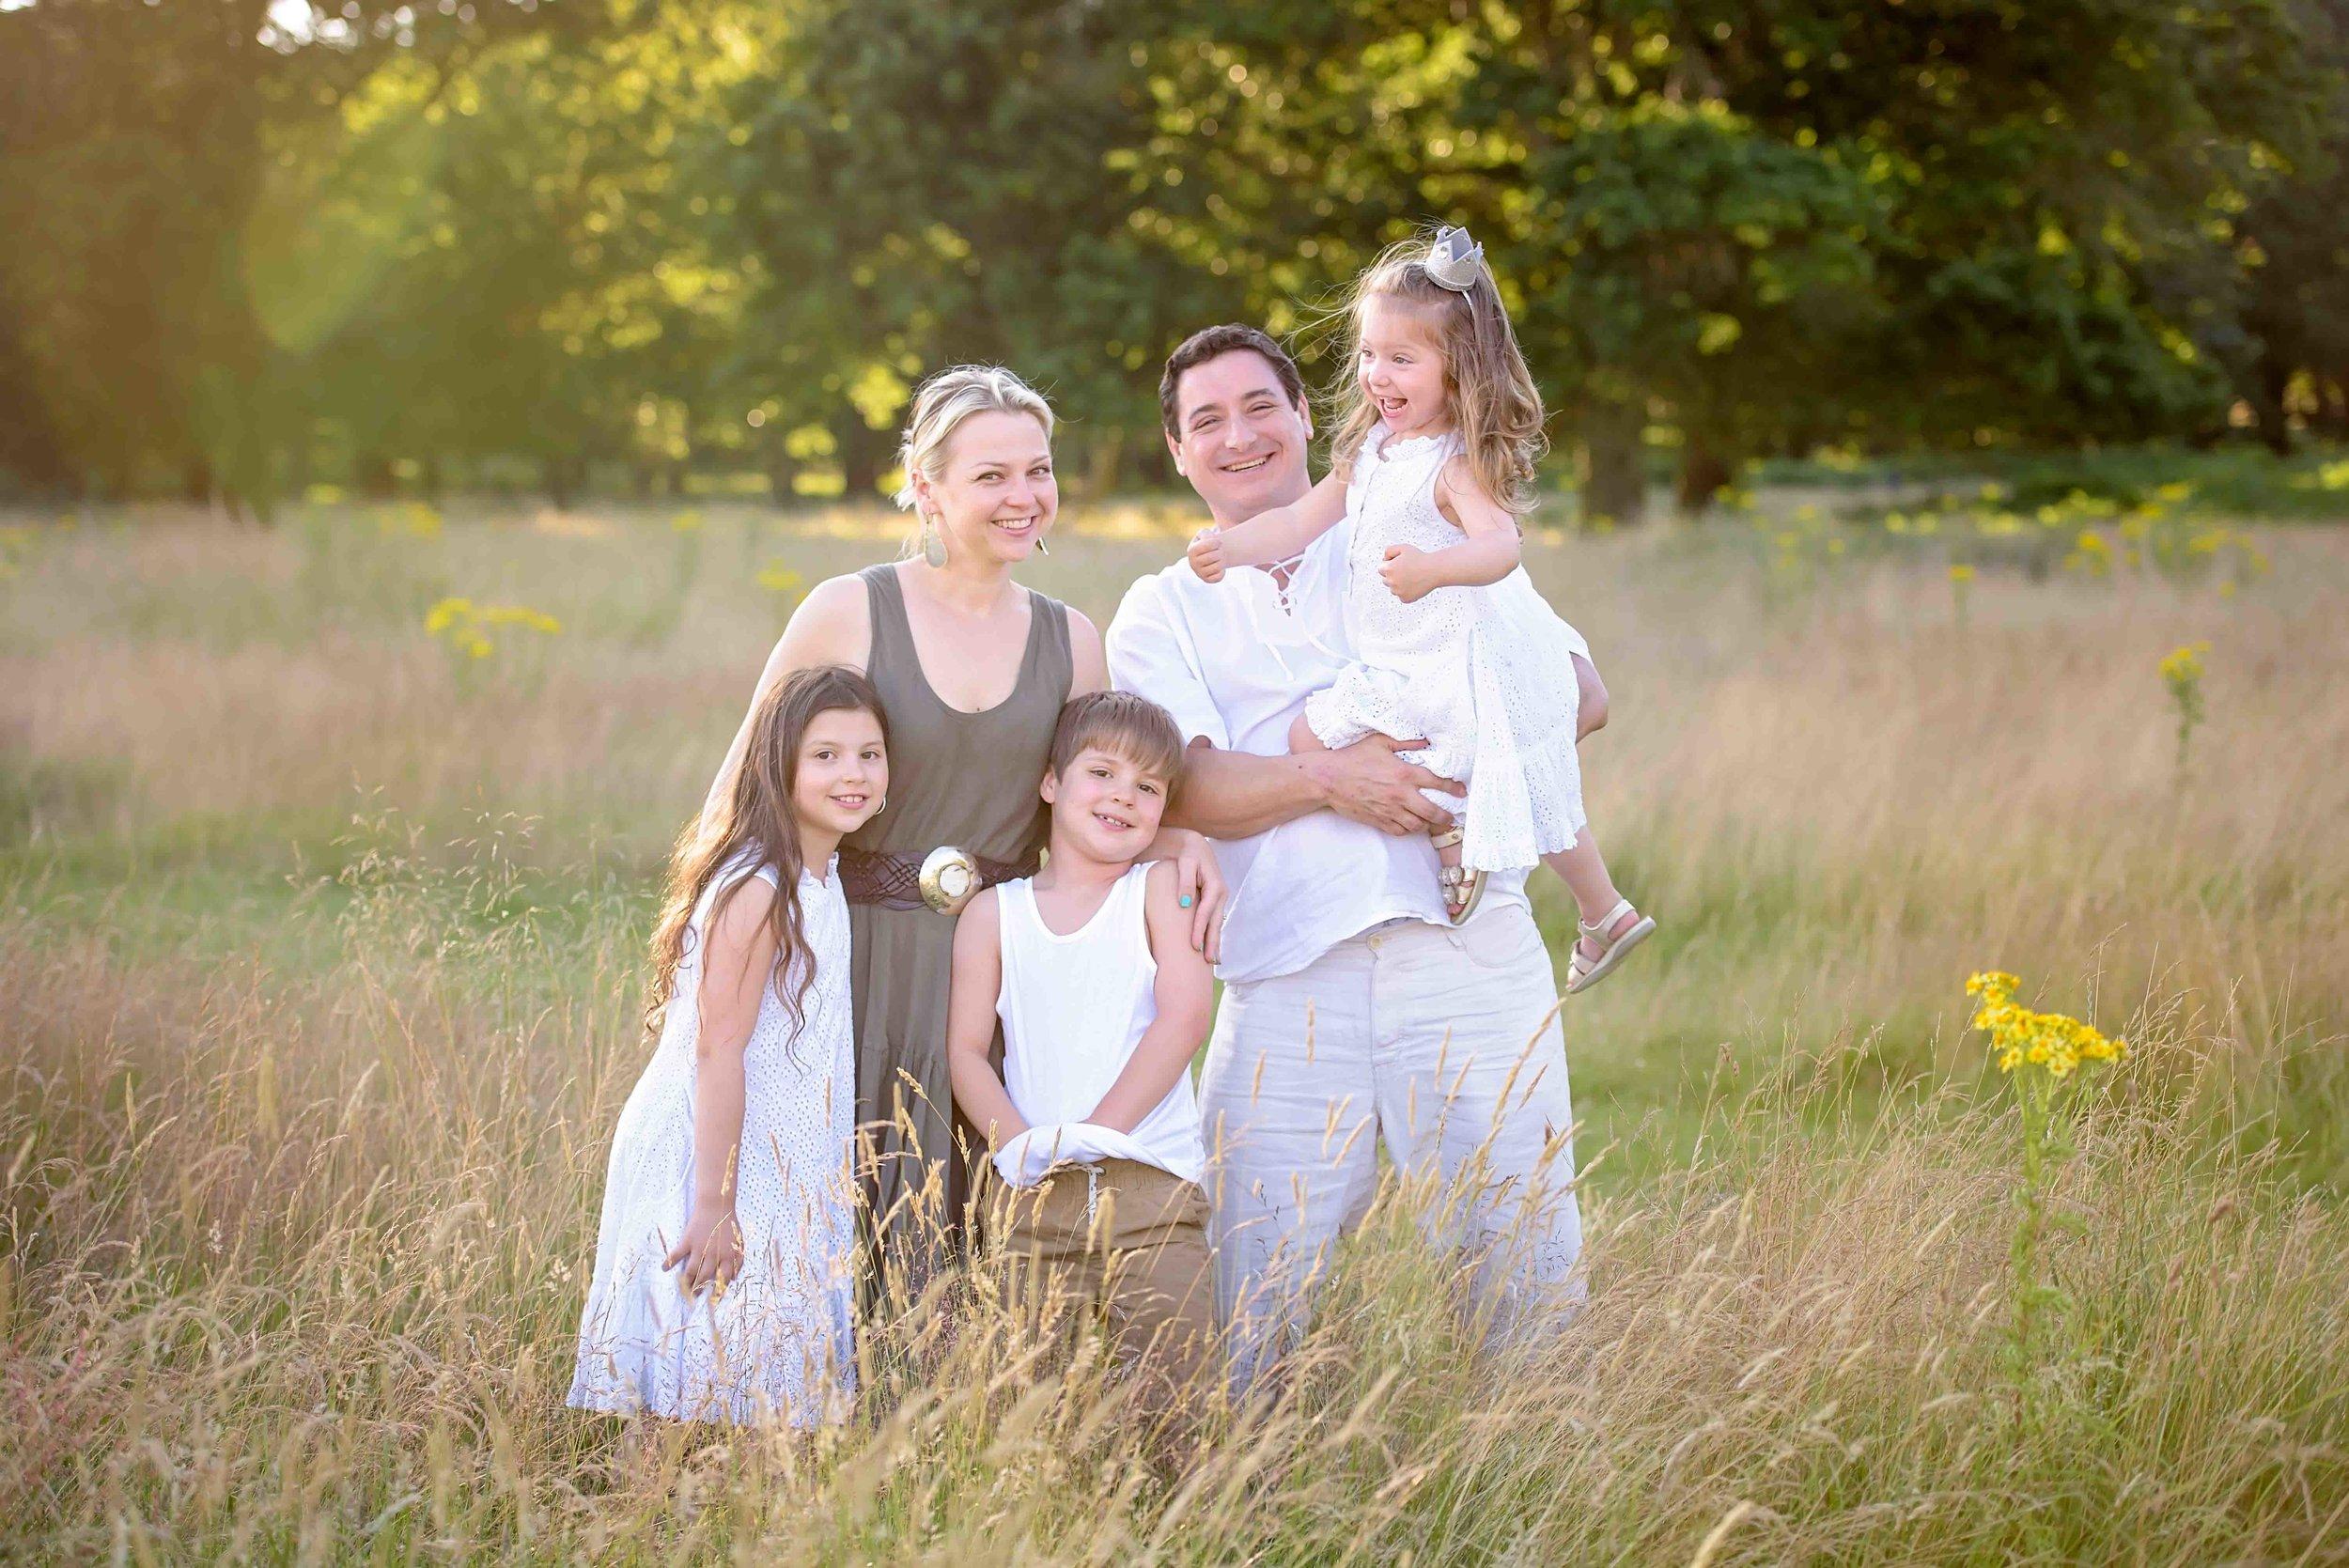 Family photo shoot Richmond Park